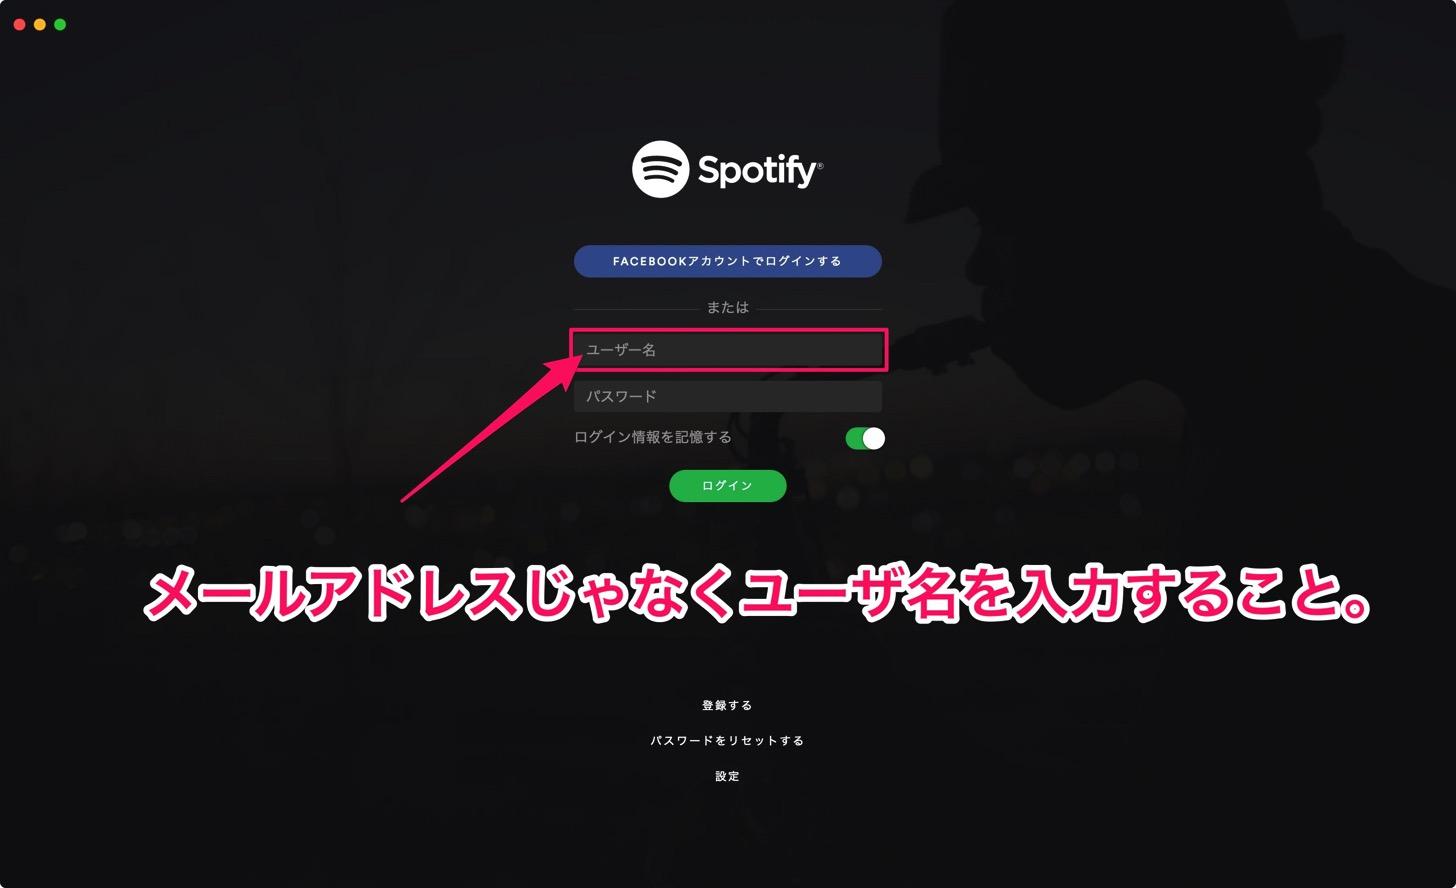 SpotifyのMac版はメールアドレスじゃなくユーザ名を入力すること。